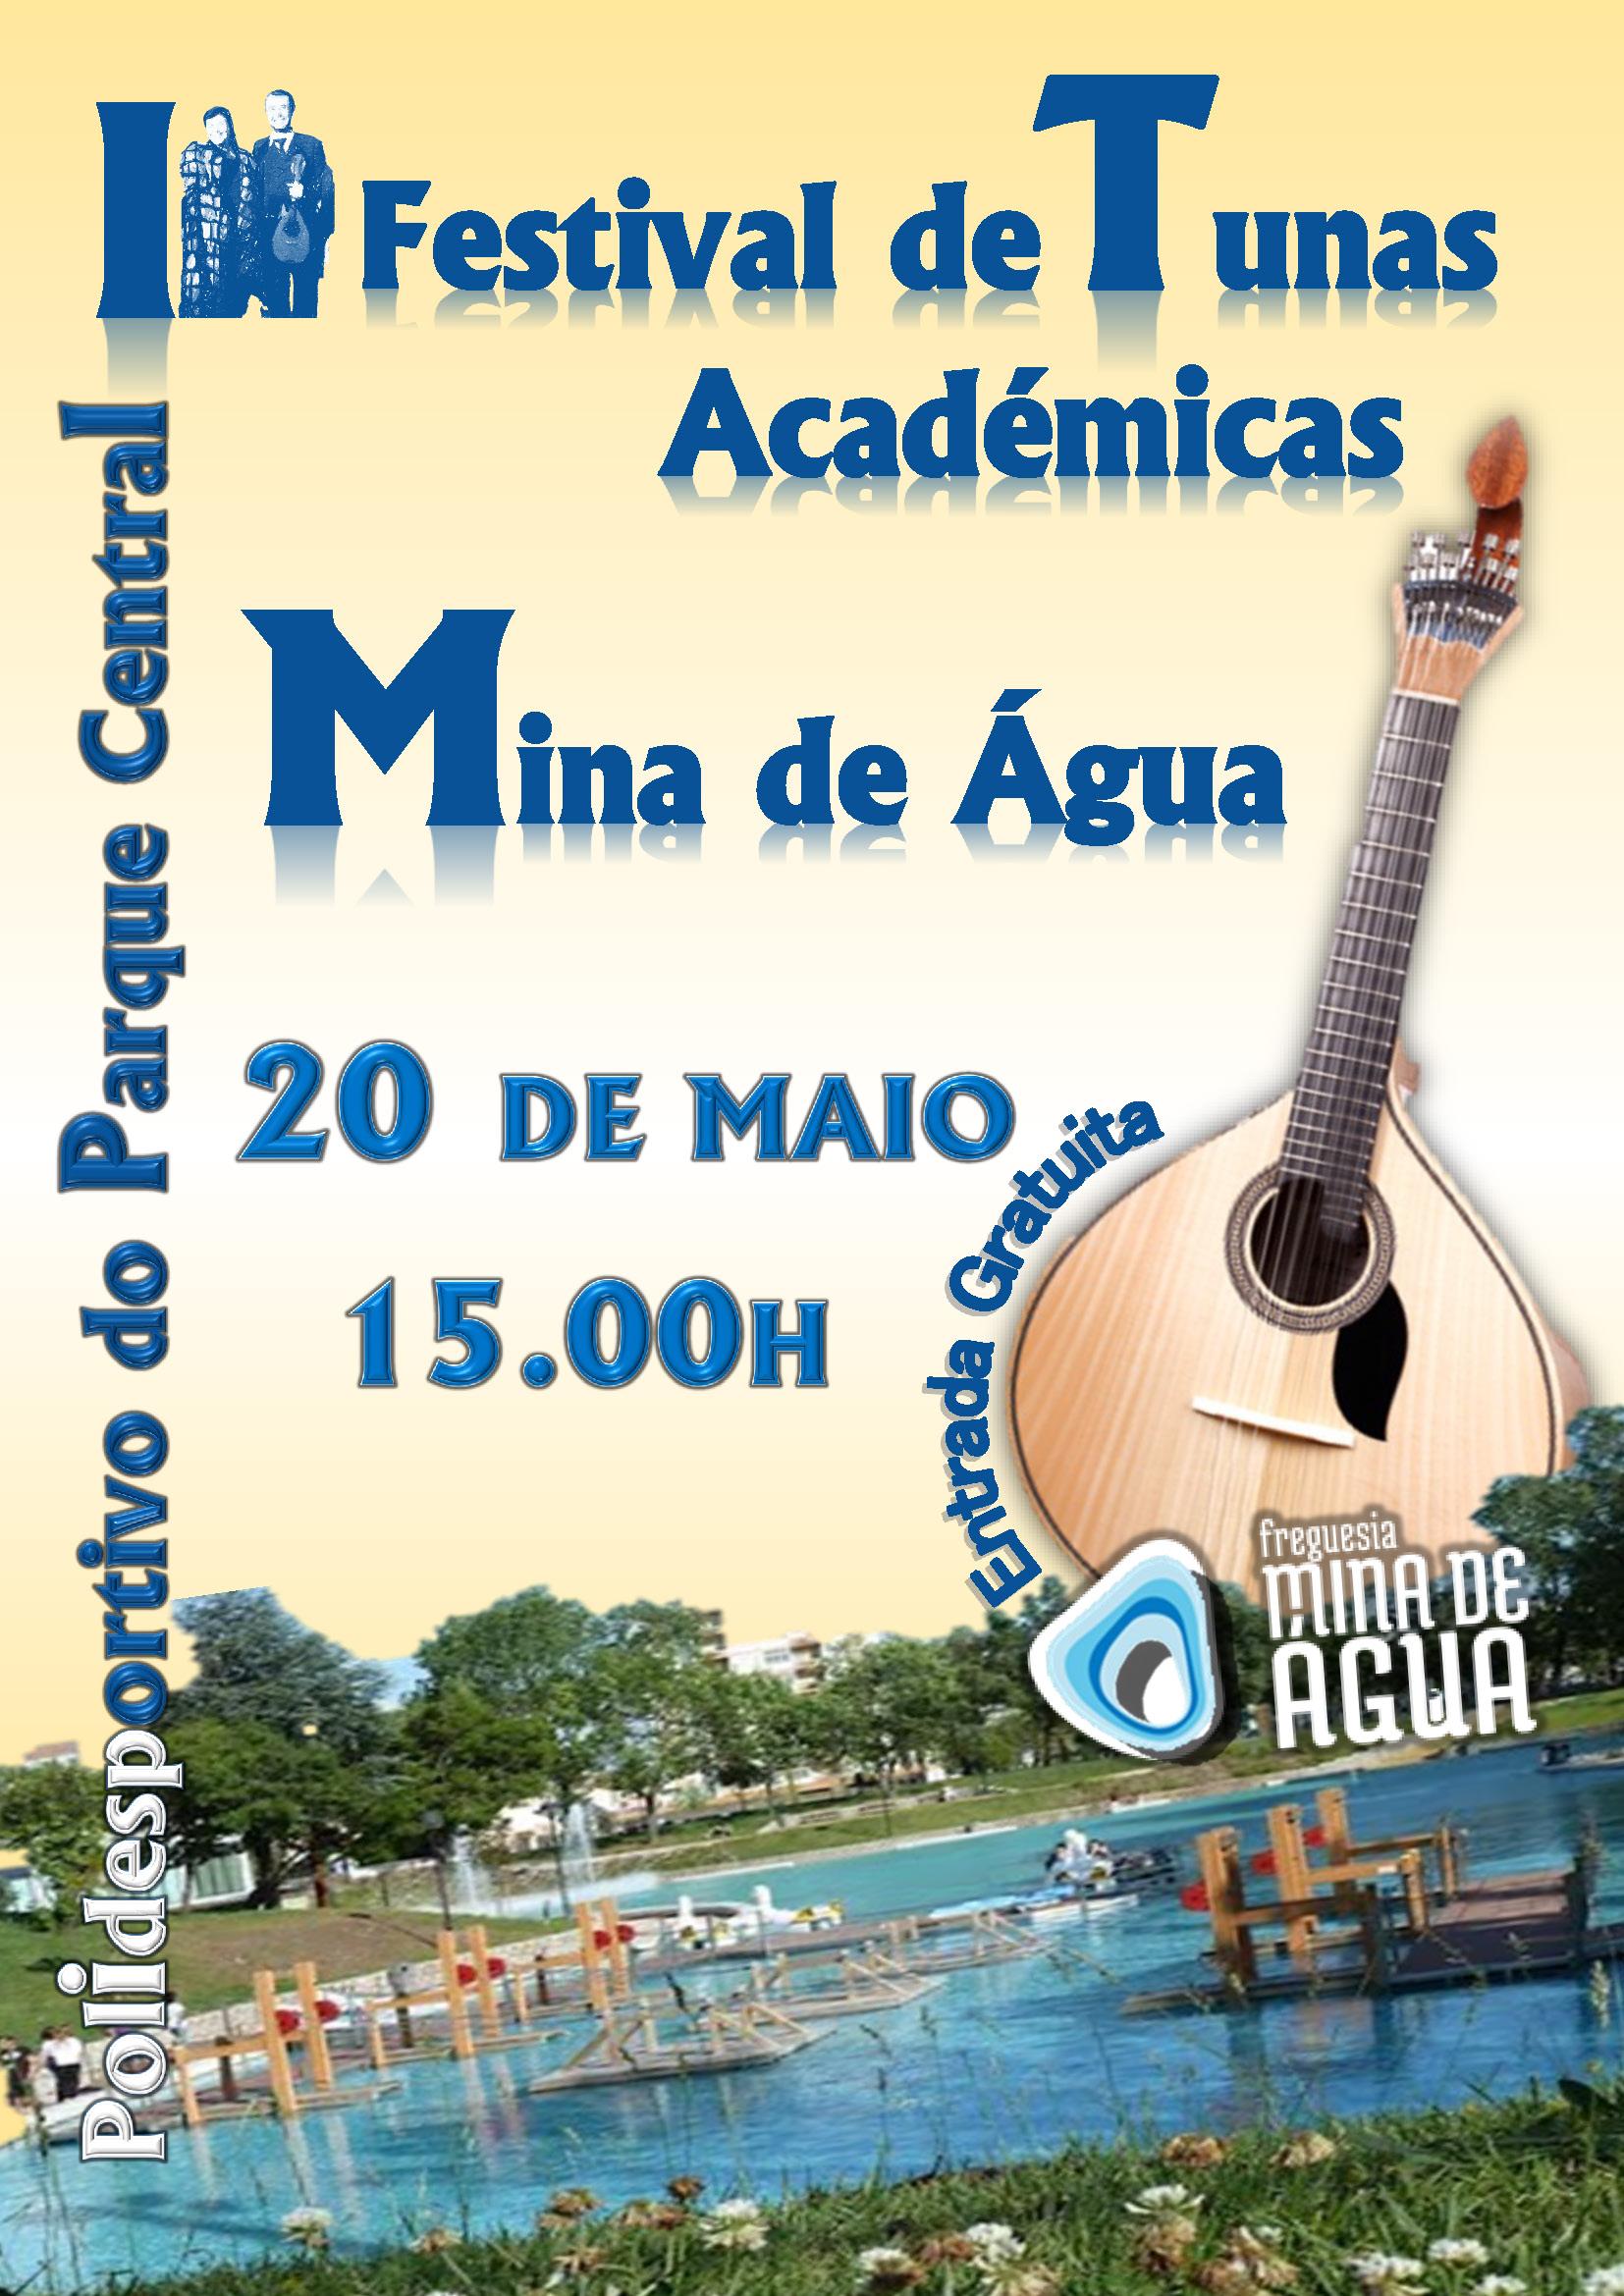 I Festival de Tunas Académicas – Mina de Água